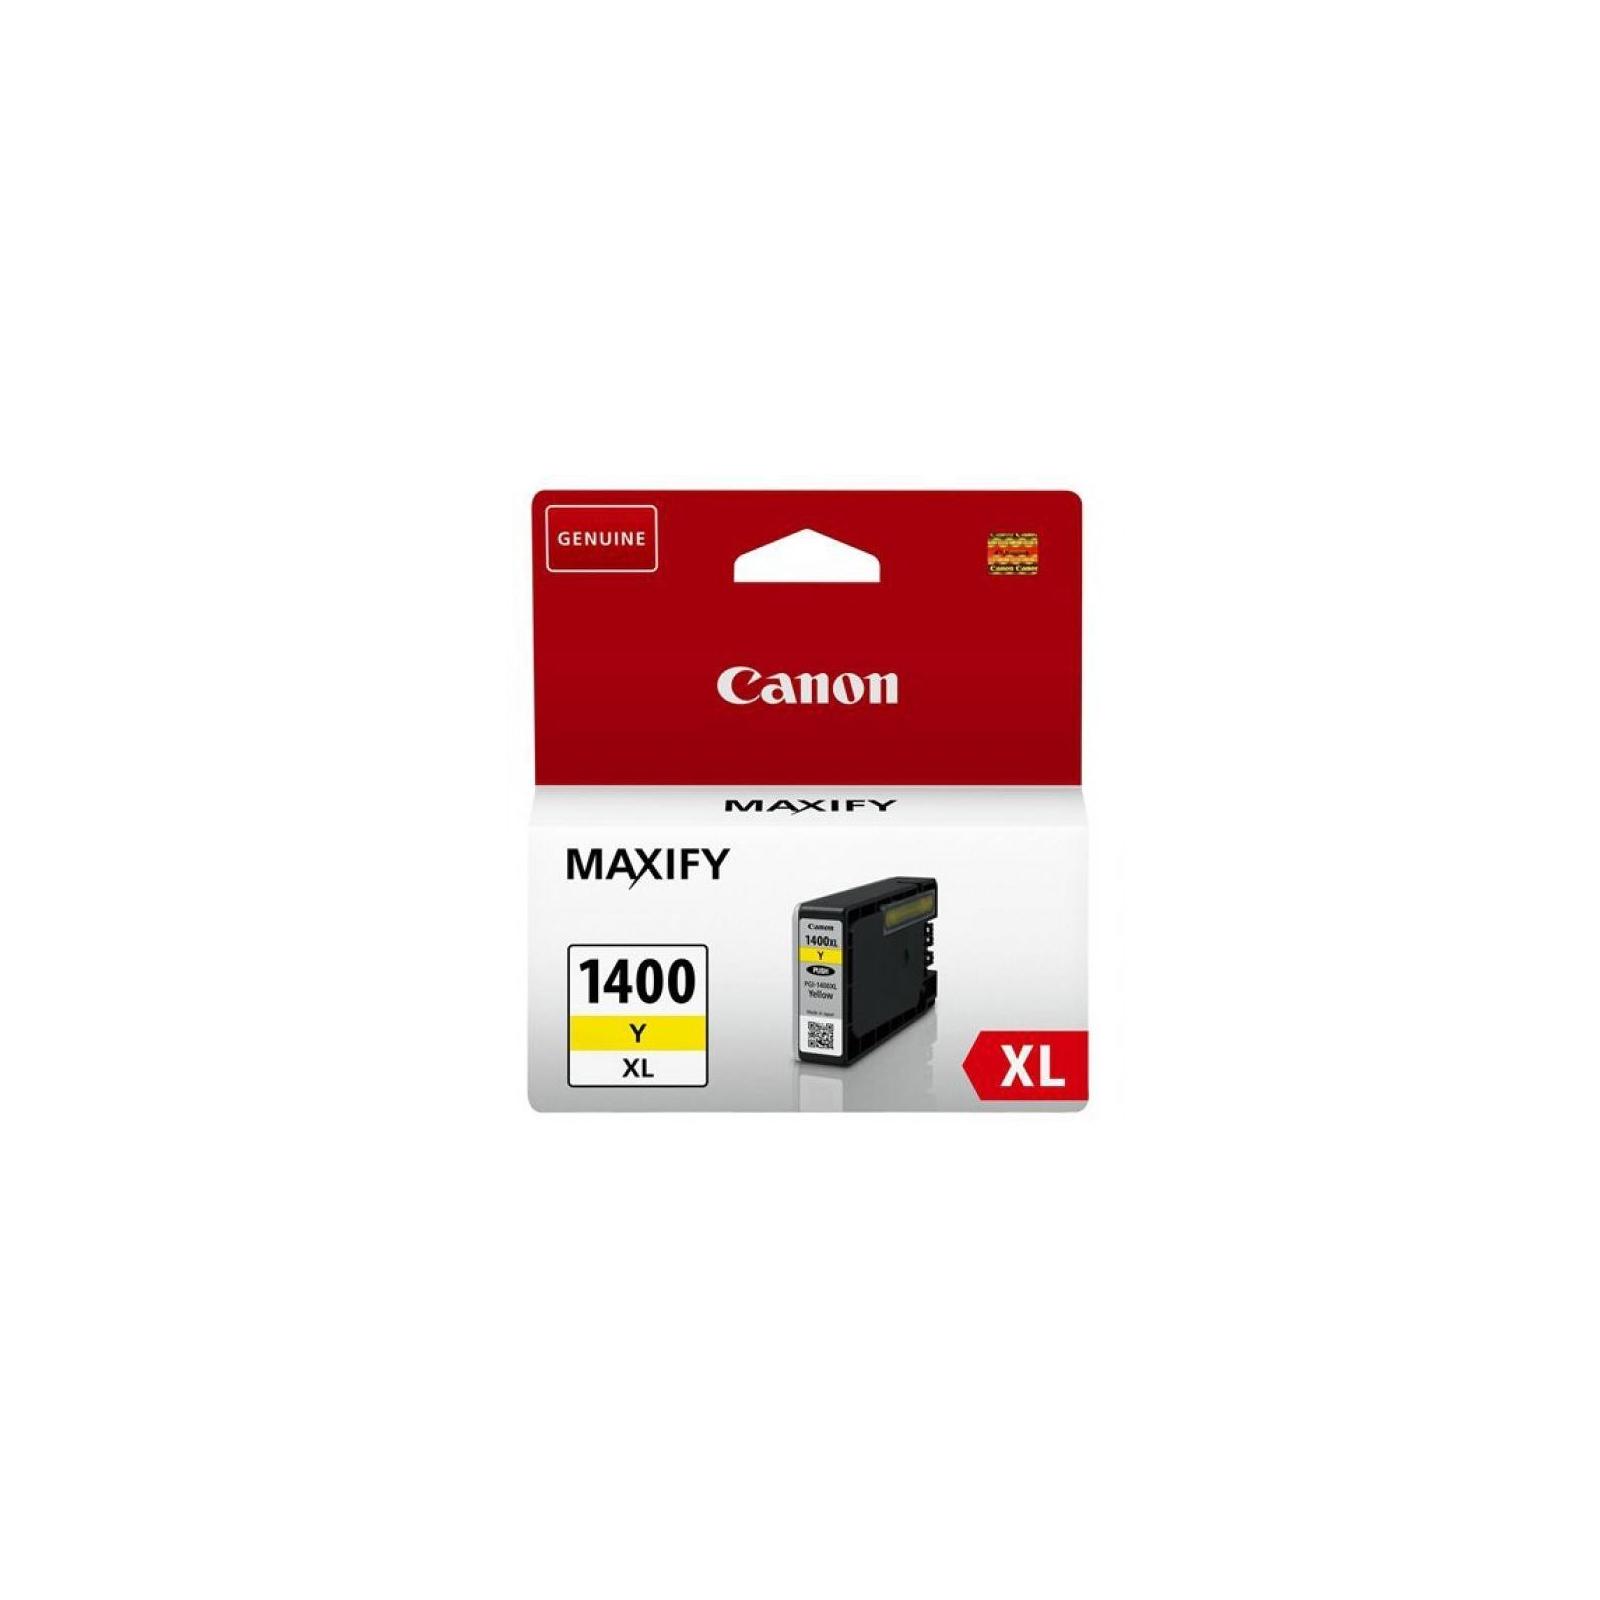 Картридж Canon PGI-1400 XL Yellow (9204B001)